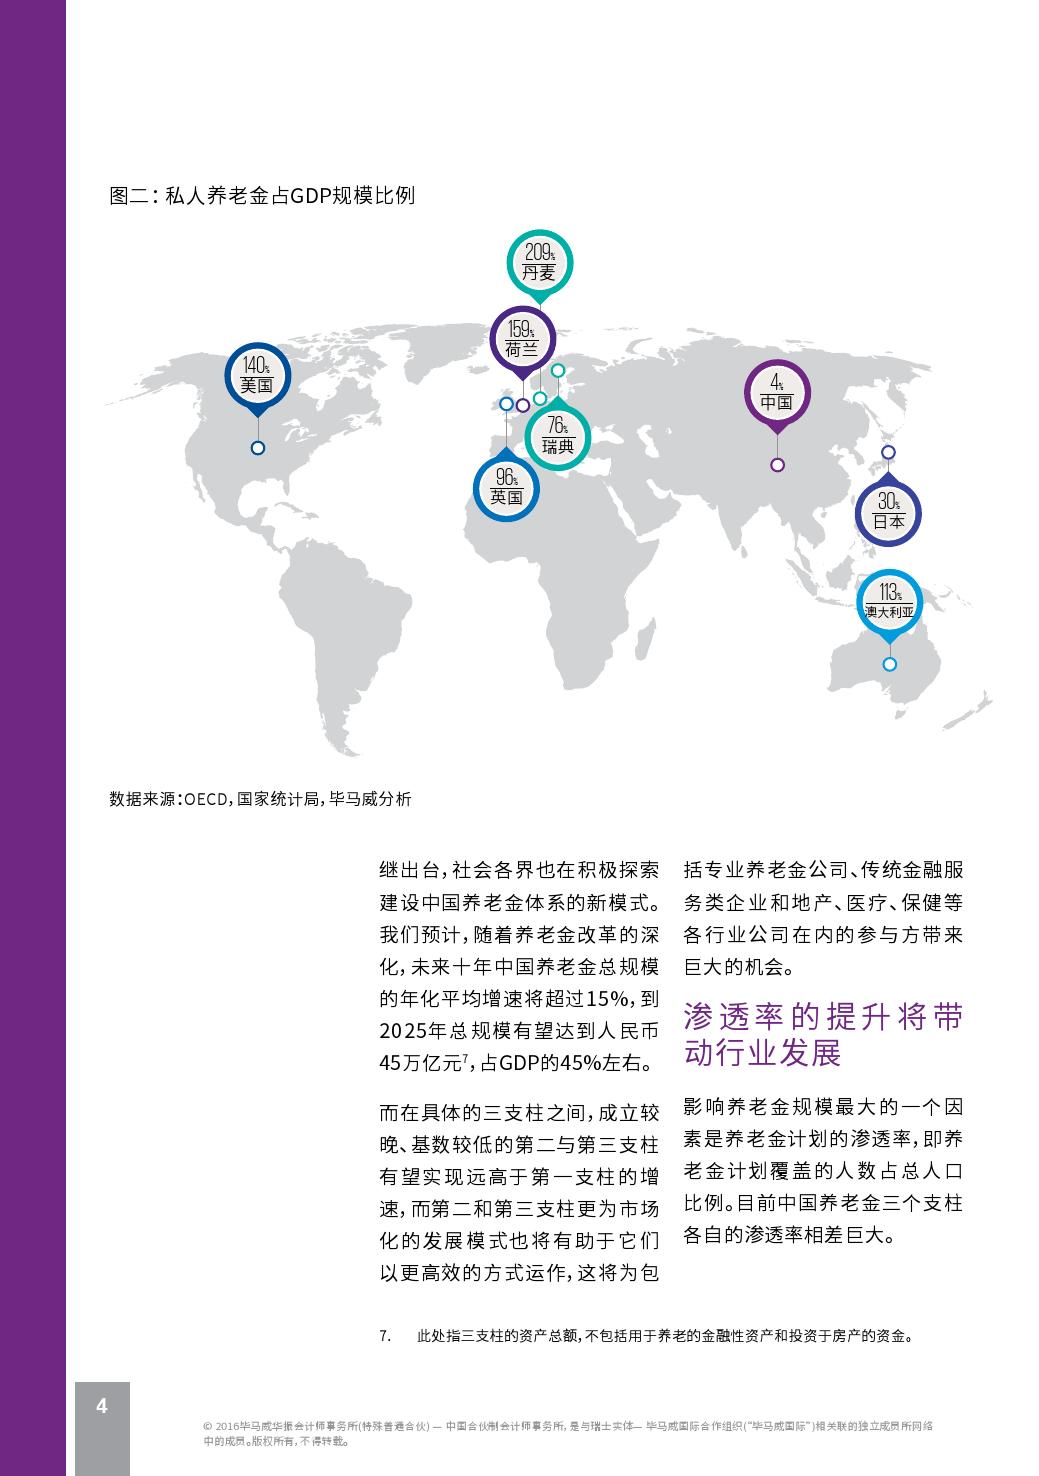 2016年中国养老金发展的战略趋势探讨_000006